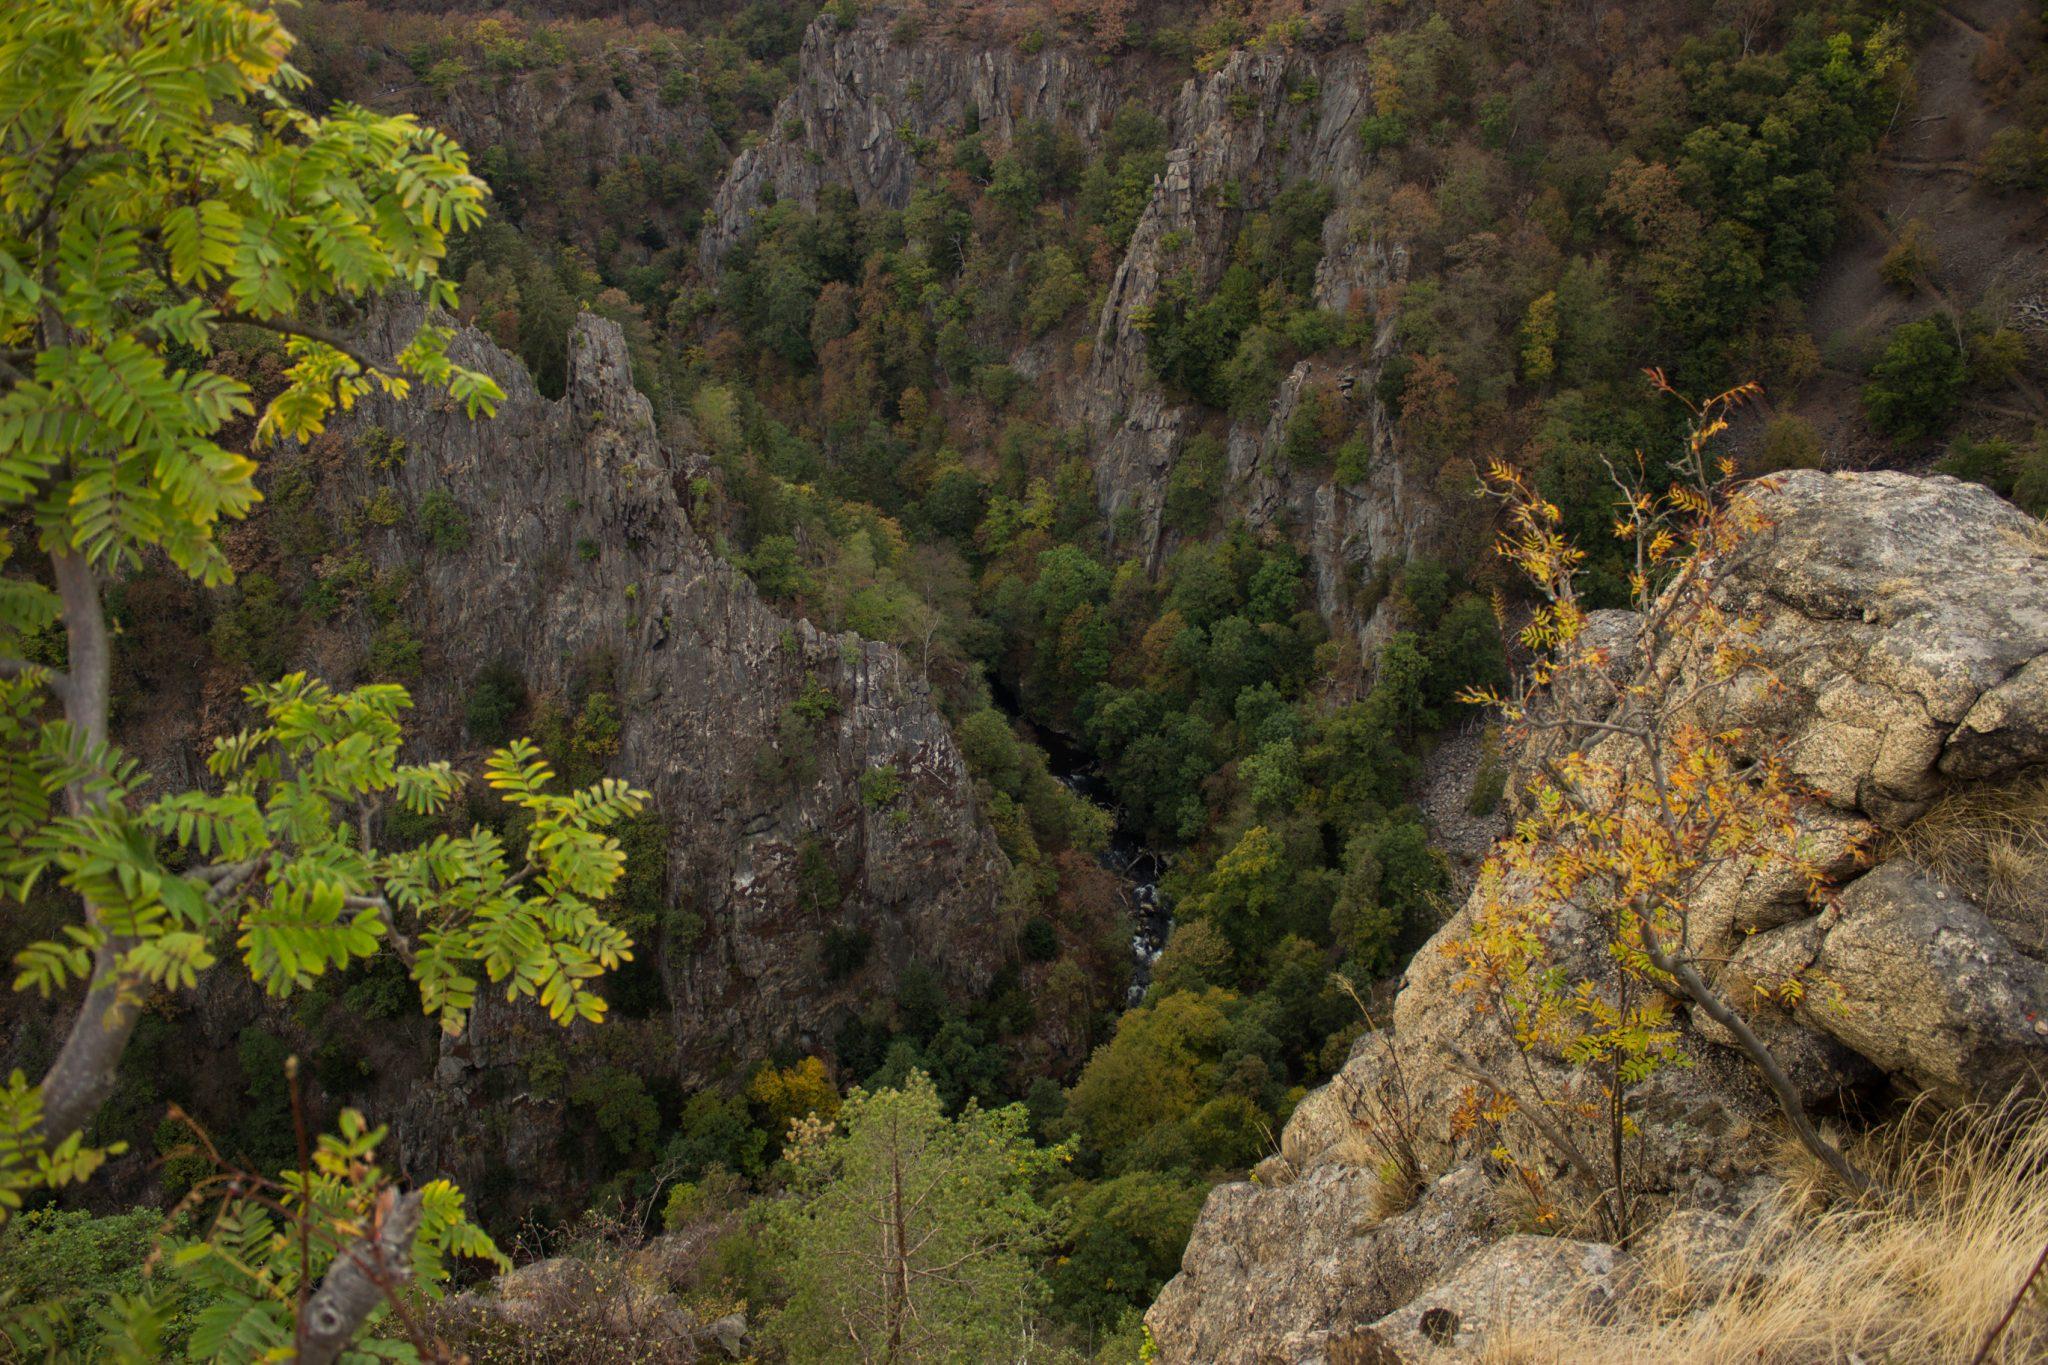 Rundwanderung Thale nach Treseburg - über Hexentanzplatz, Bodetal und Roßtrappe, beeindruckende Aussicht von der Roßtrappe auf das Bodetal, riesige Steilwände aus Fels, große tiefe Schlucht beim Fluß Bode im Bodetal, in der Nähe von Thale beim Aussichtspunkt Roßtrappe